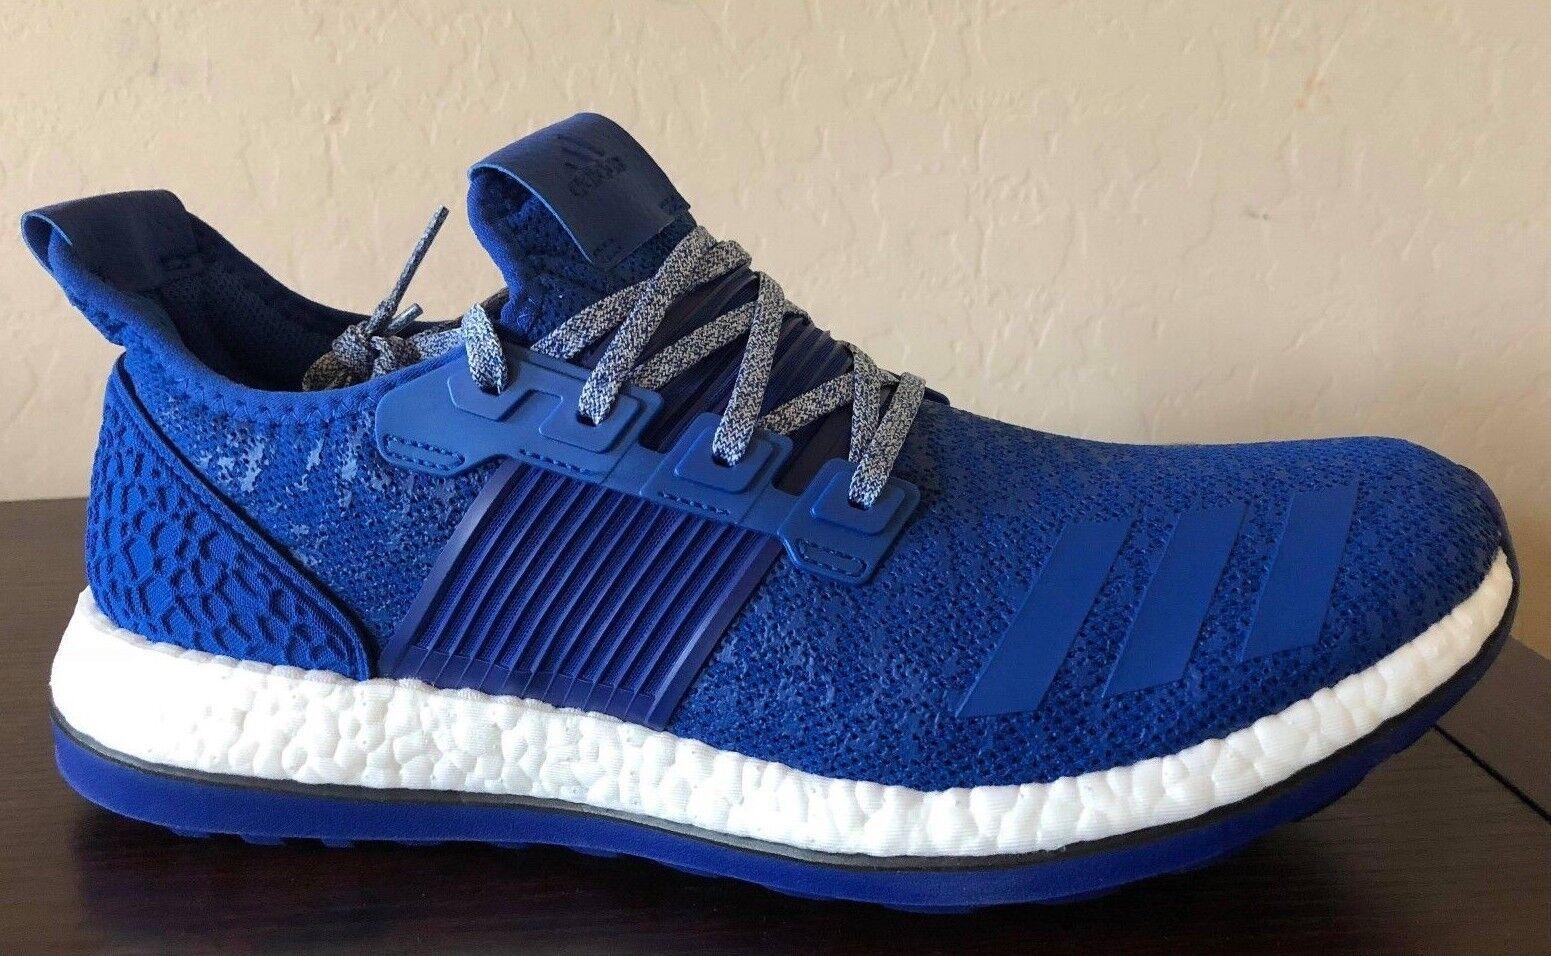 Adidas pureboost ZG zapatos hombres tamaño US 14 de reducción para de precios nuevos zapatos para reducción hombres y mujeres, el limitado tiempo de descuento f75a4e